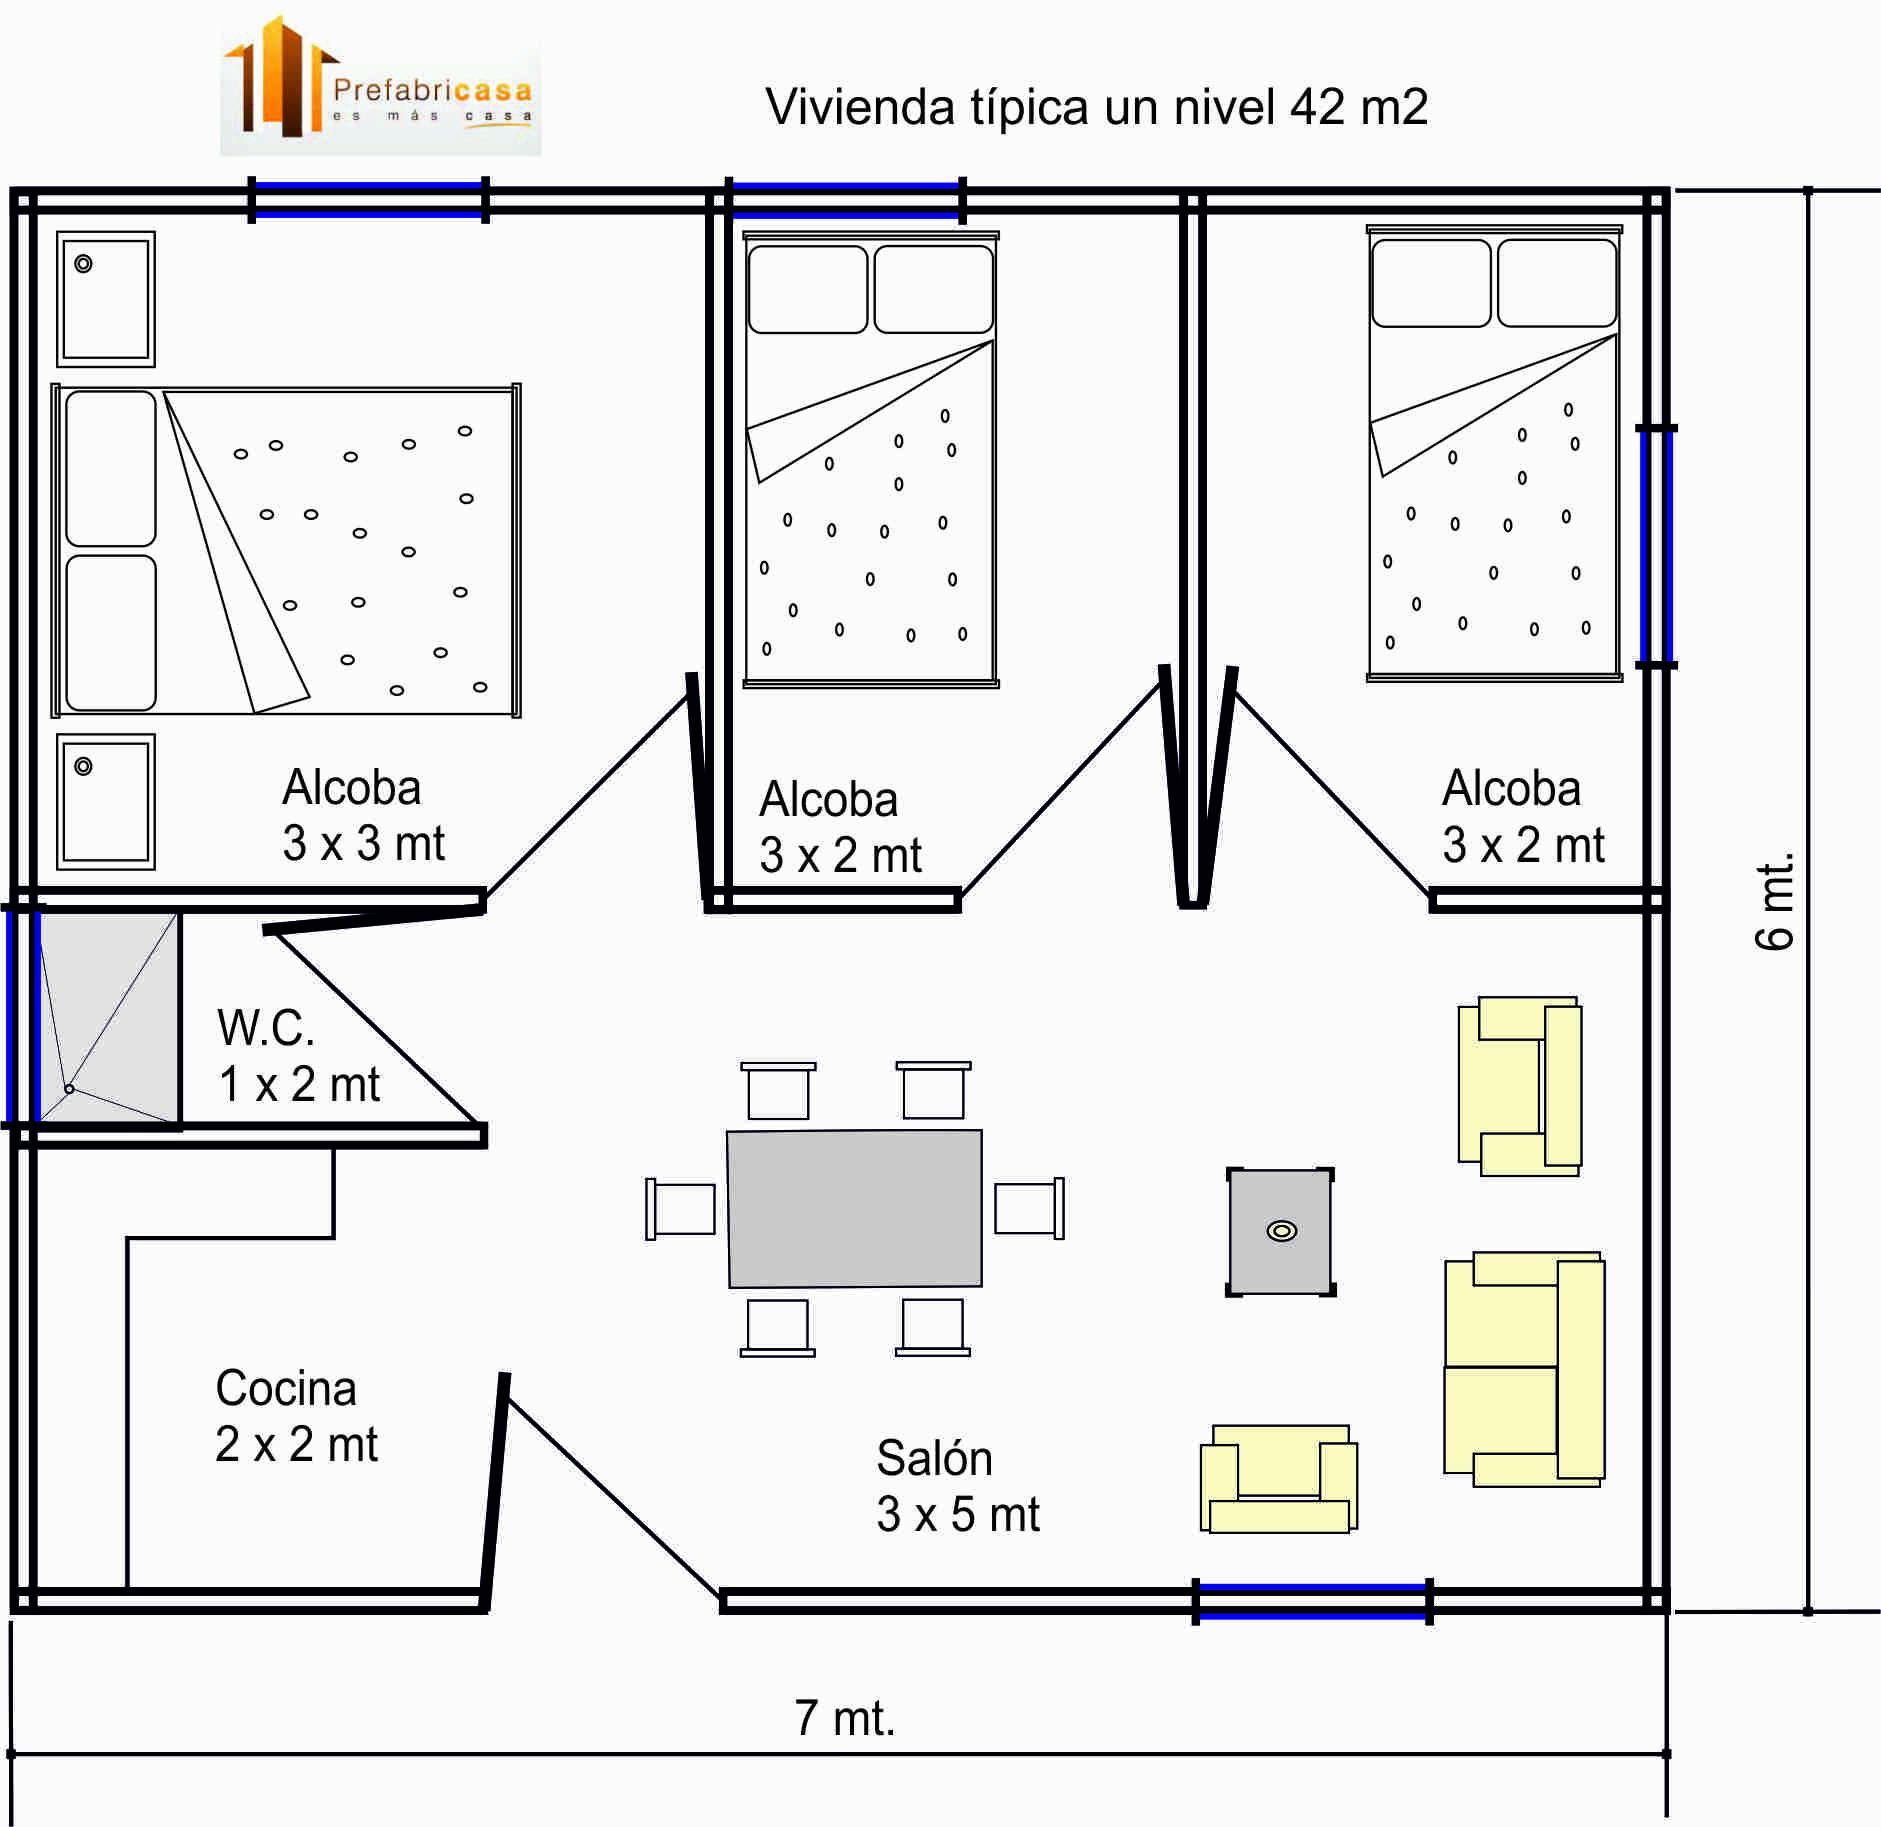 Casas prefabricadas 42 mts 2 casas prefabricadas - Cuanto cuesta hacer una casa de dos plantas ...